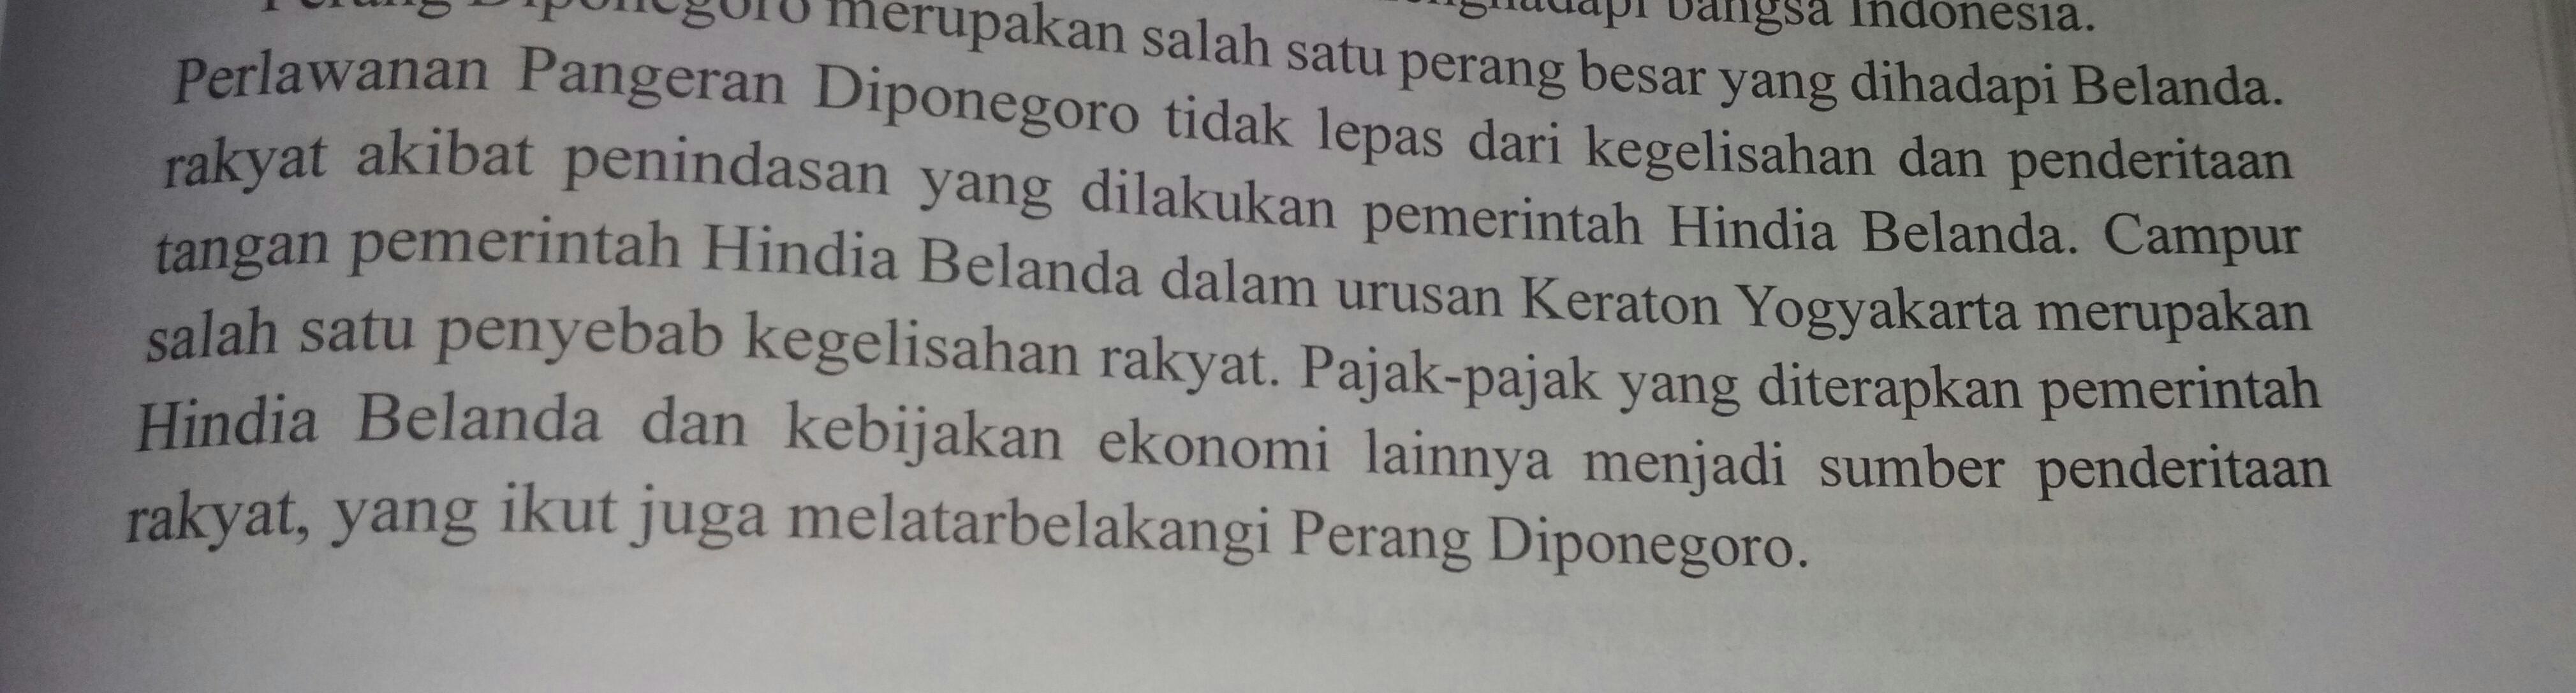 Sebab Khusus Terjadinya Perang Diponegoro Adalah ...